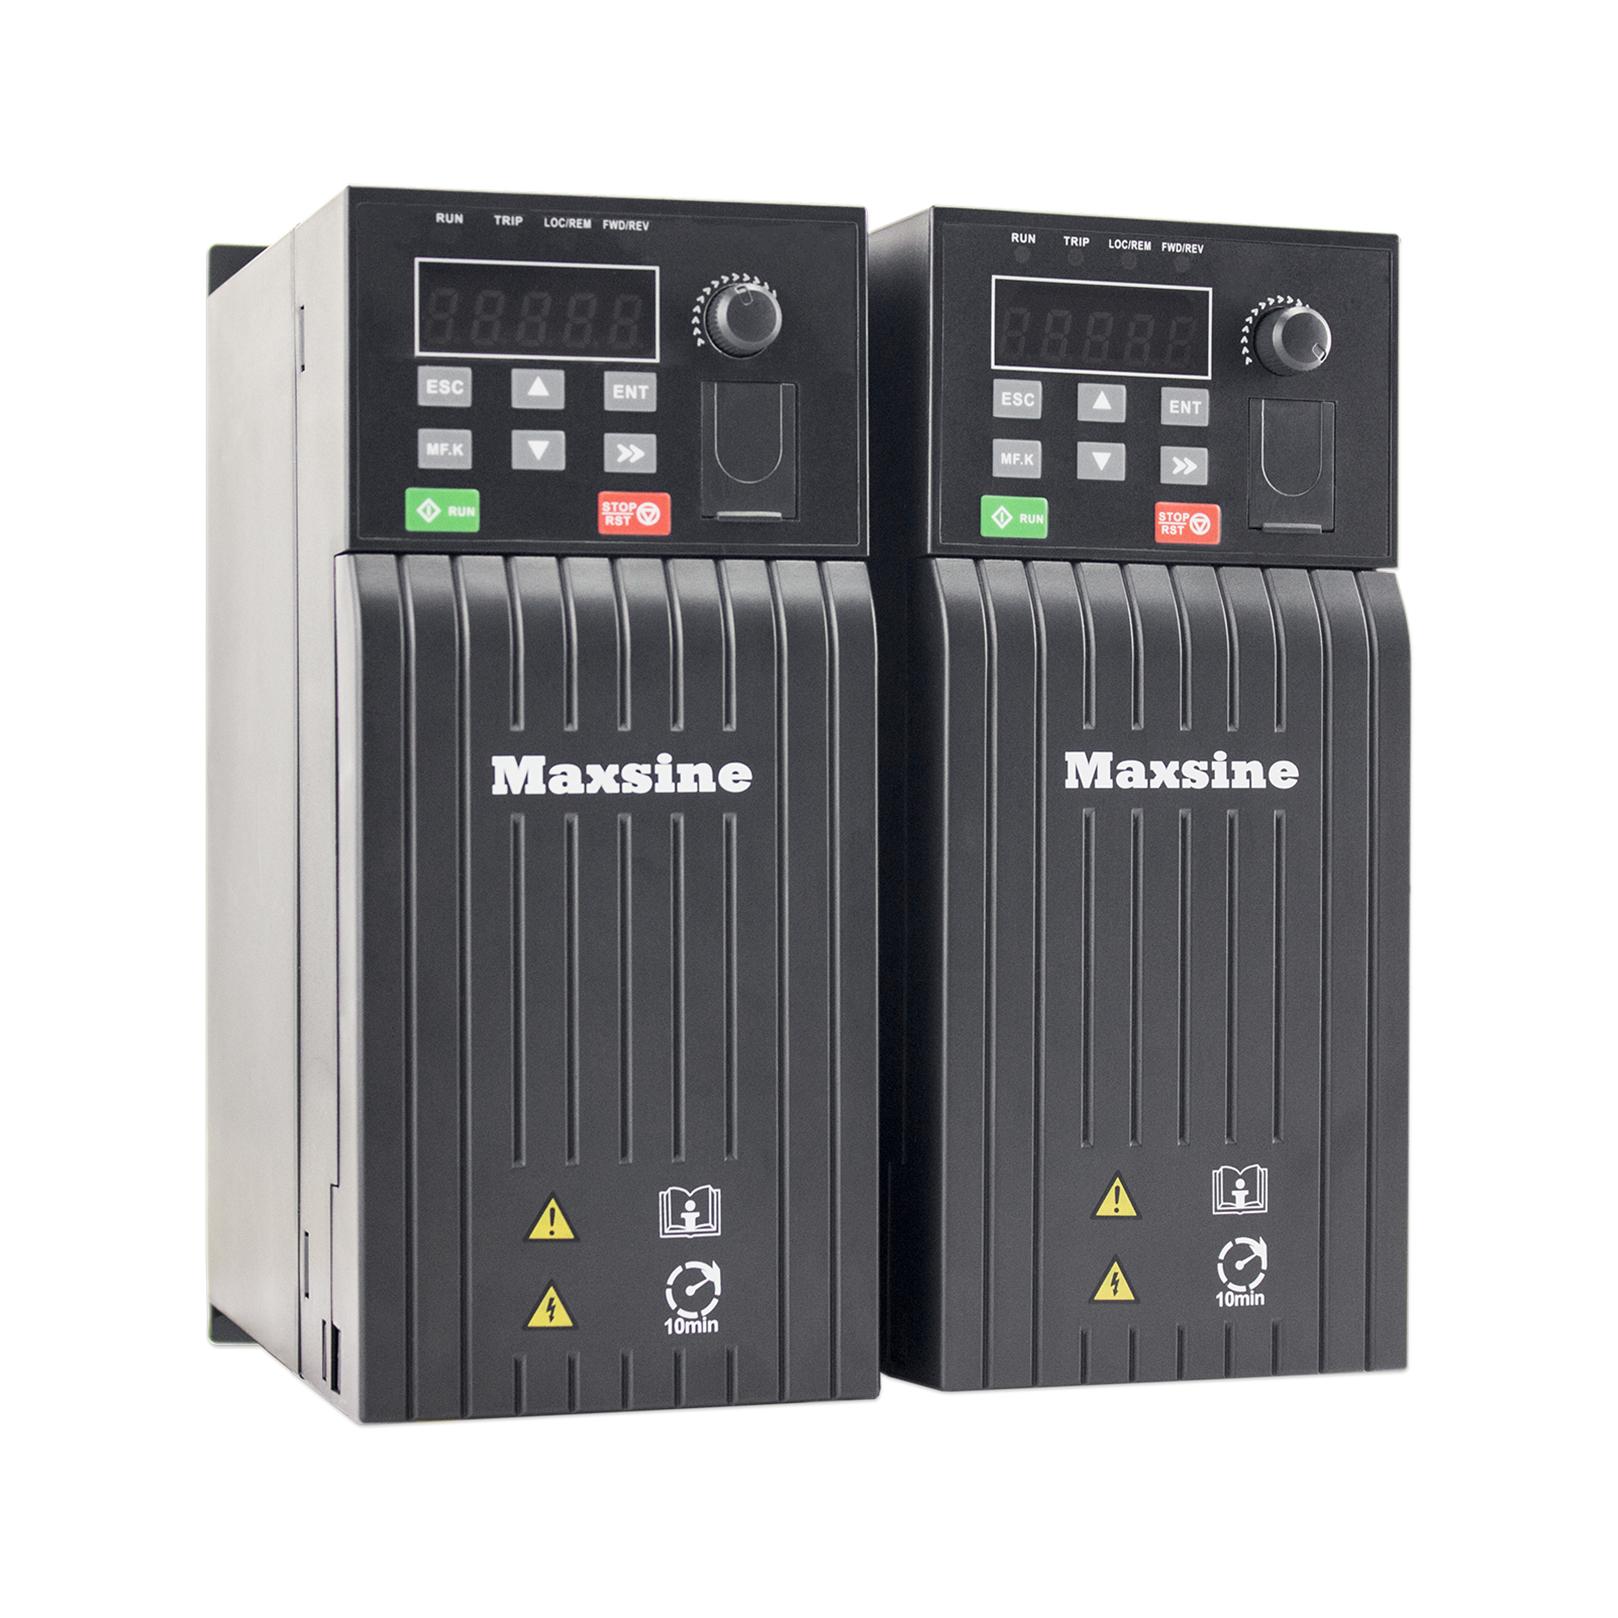 迈信MR500系列高性能矢量控制变频器